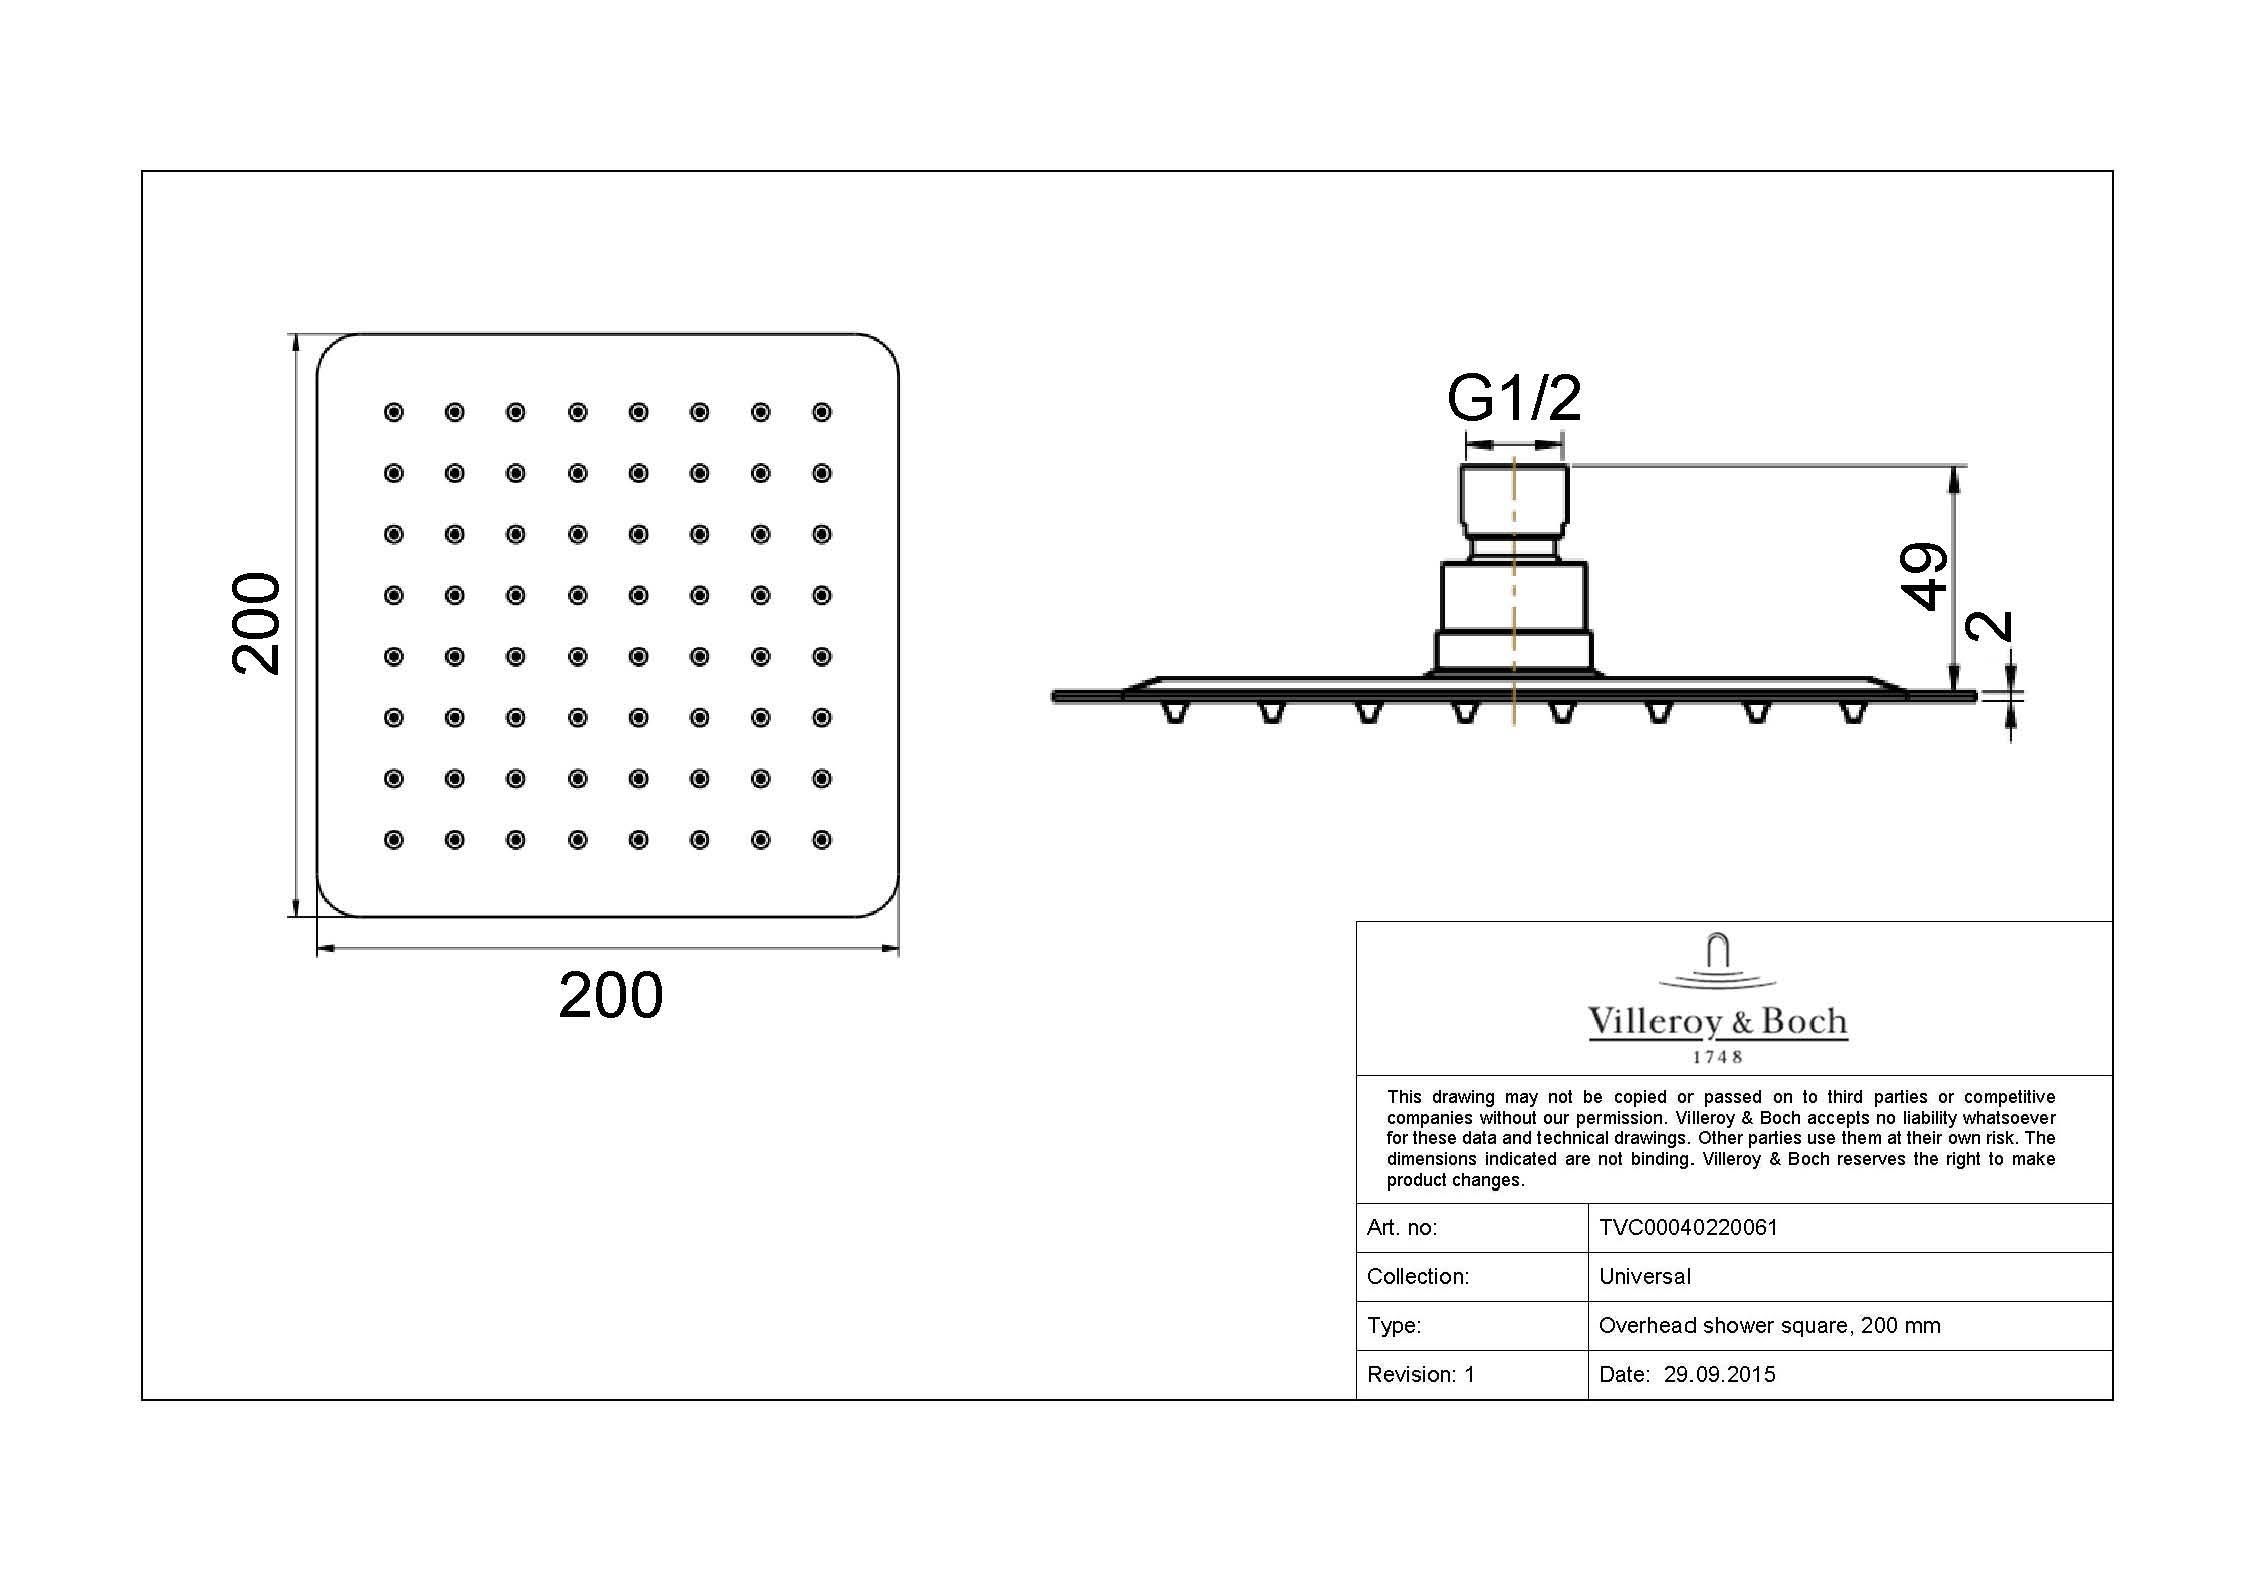 Architectura 200 SQ Combination Shower